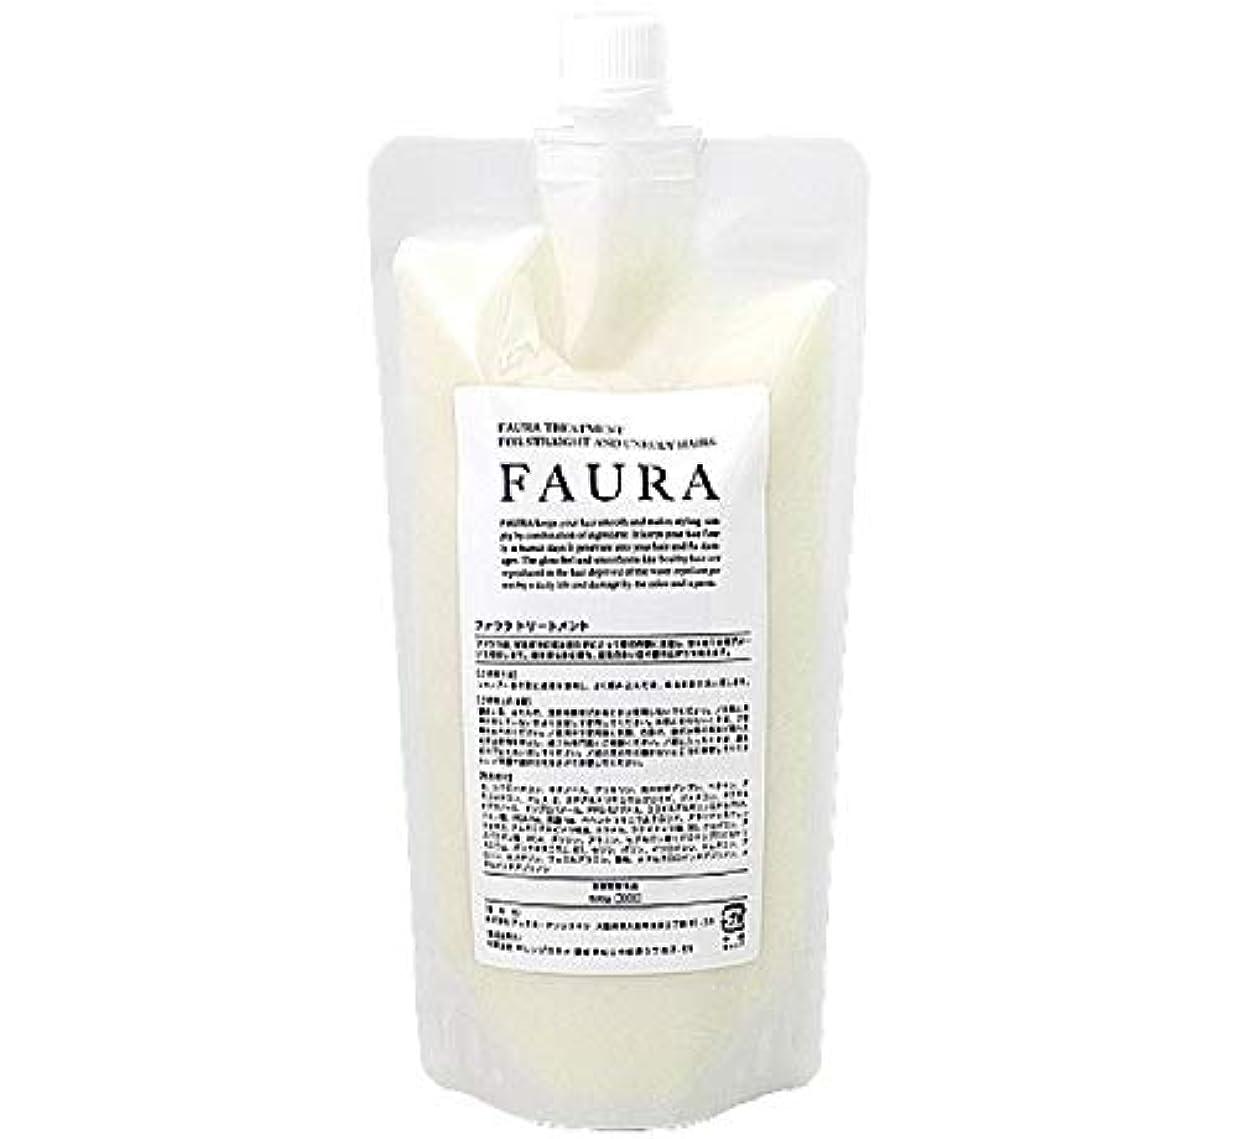 抑制証言する想像力豊かな【発売1年で3万本の売上】FAURA ファウラ ヘアトリートメント (傷んだ髪に) 詰替500g 【サロン専売品】